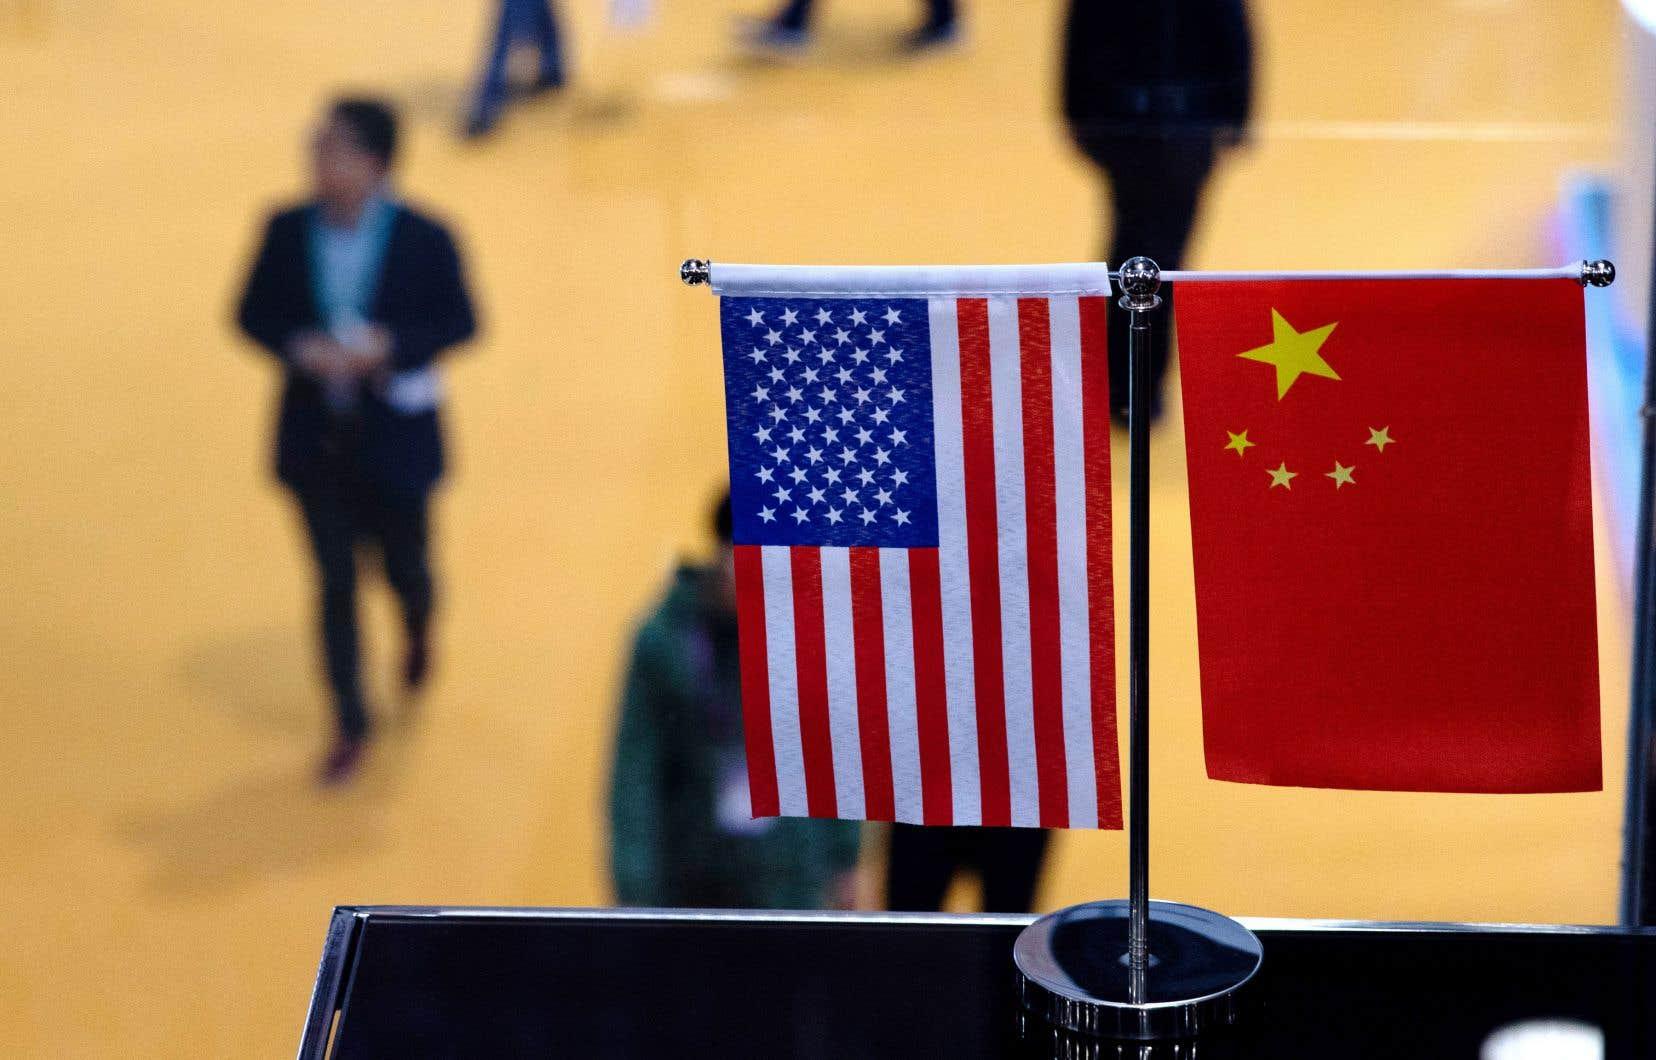 Le conflit commercial entre les États-Unis et la Chine est lourd de conséquences au-delà de leurs frontières.